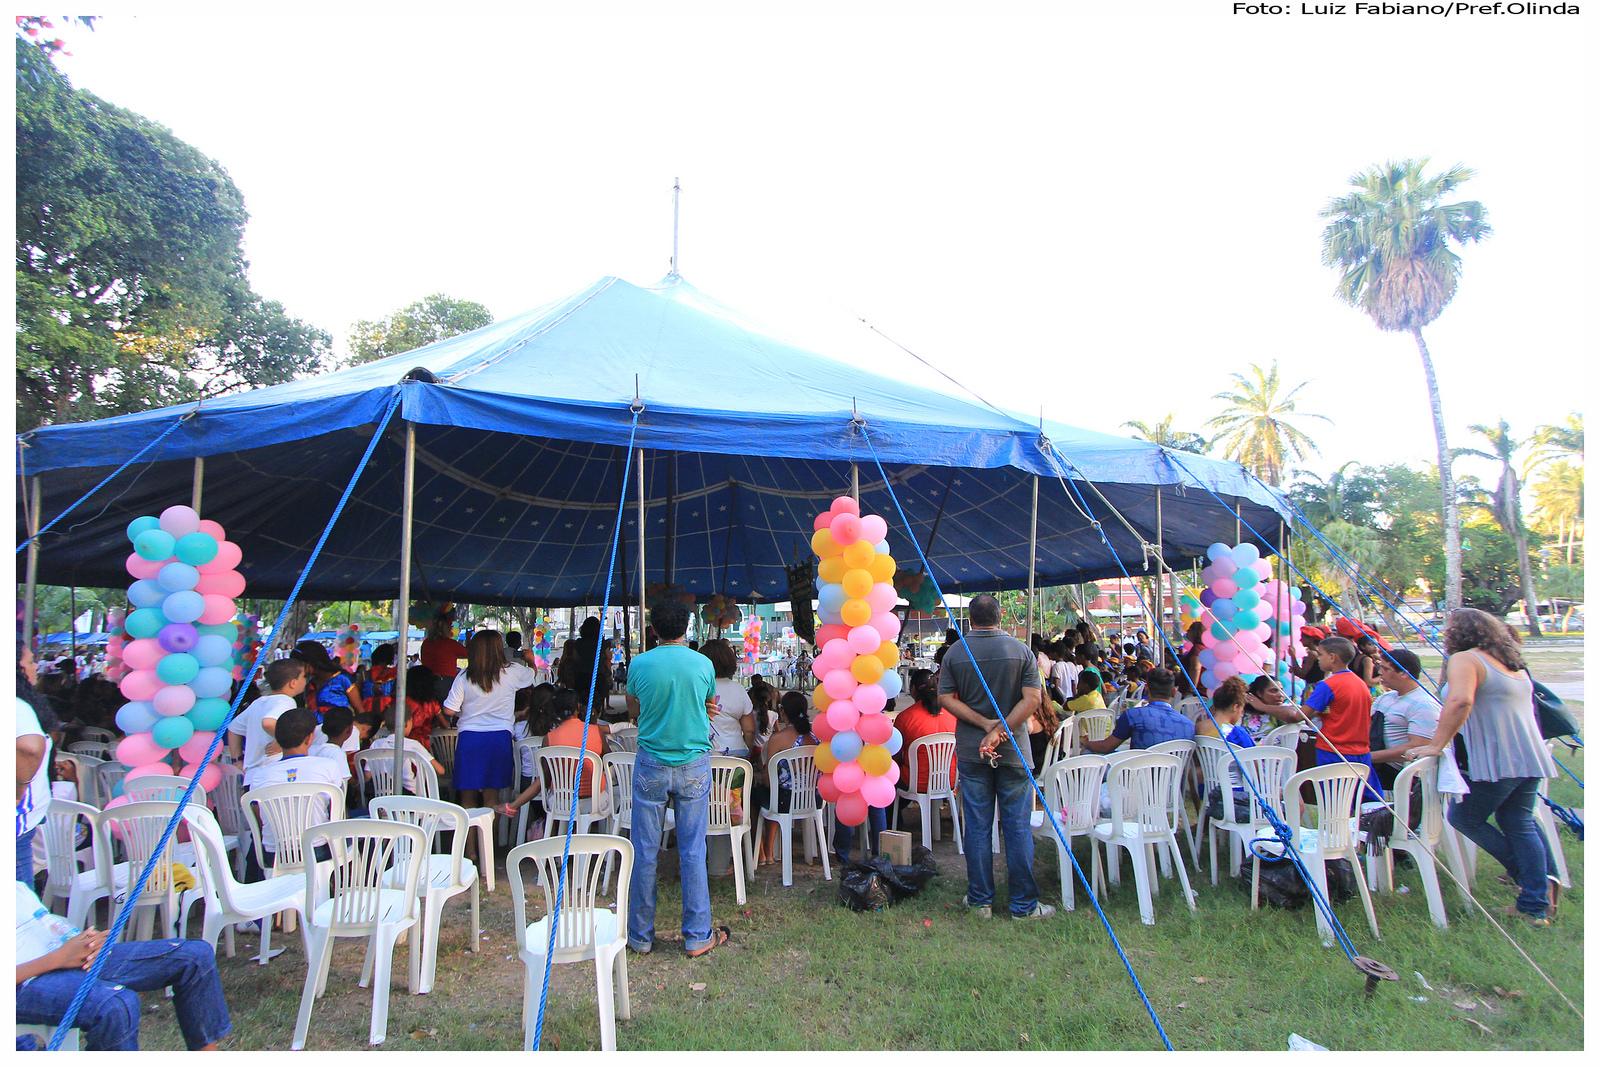 A tenda de circo foi montada na Praça do Carmo. Foto: Luiz Fabiano/Pref.Olinda